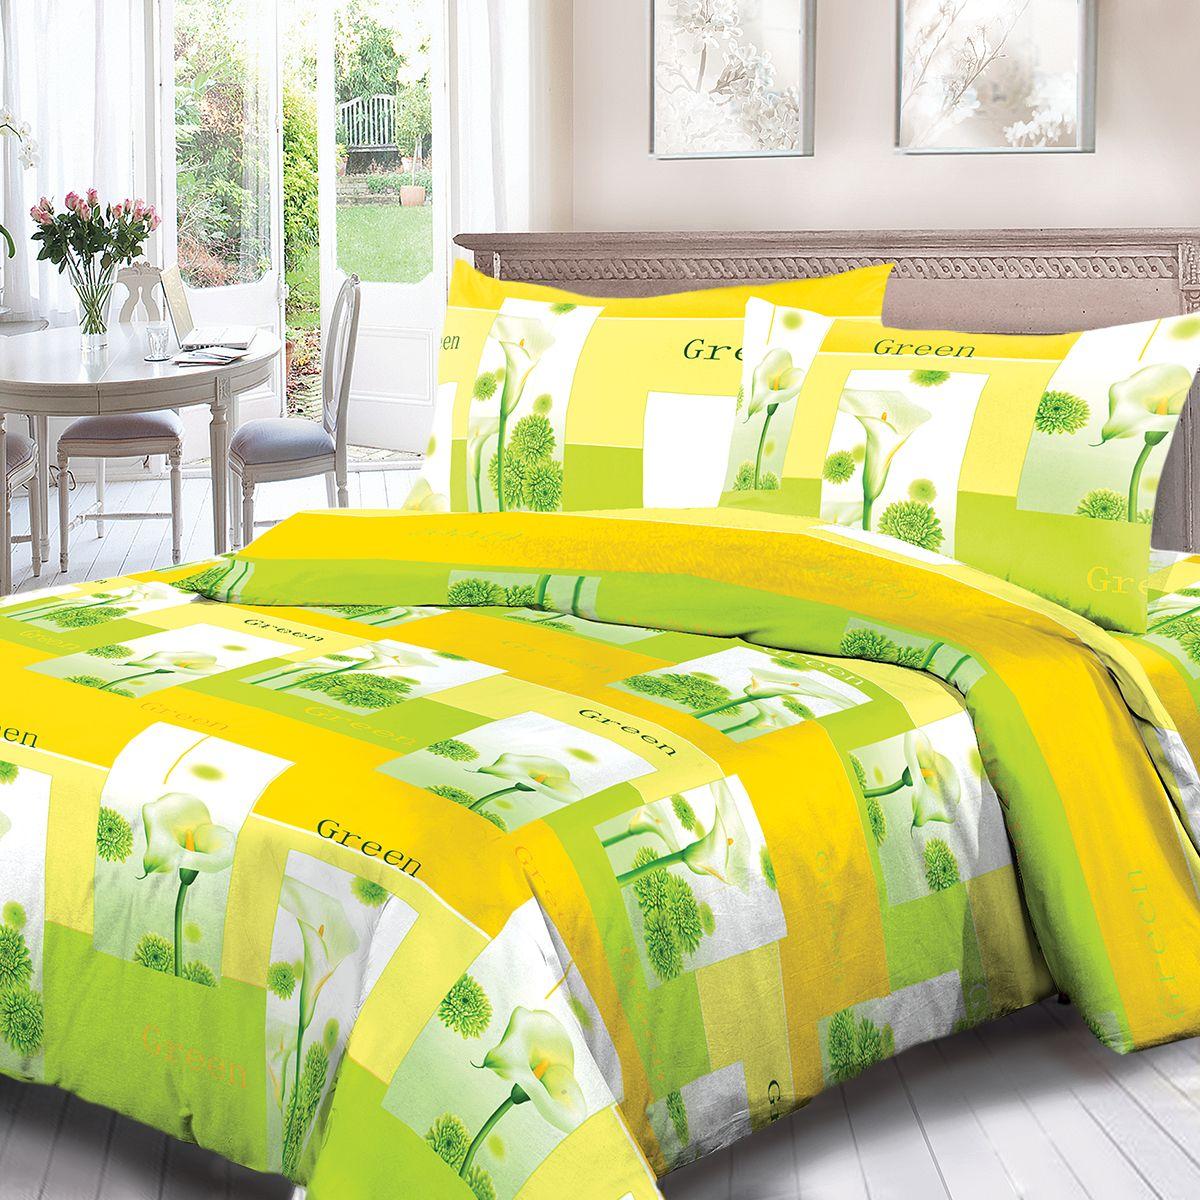 Комплект белья Для Снов Green, 1,5 спальное, наволочки 70x70, цвет: желтый. 1537-384343